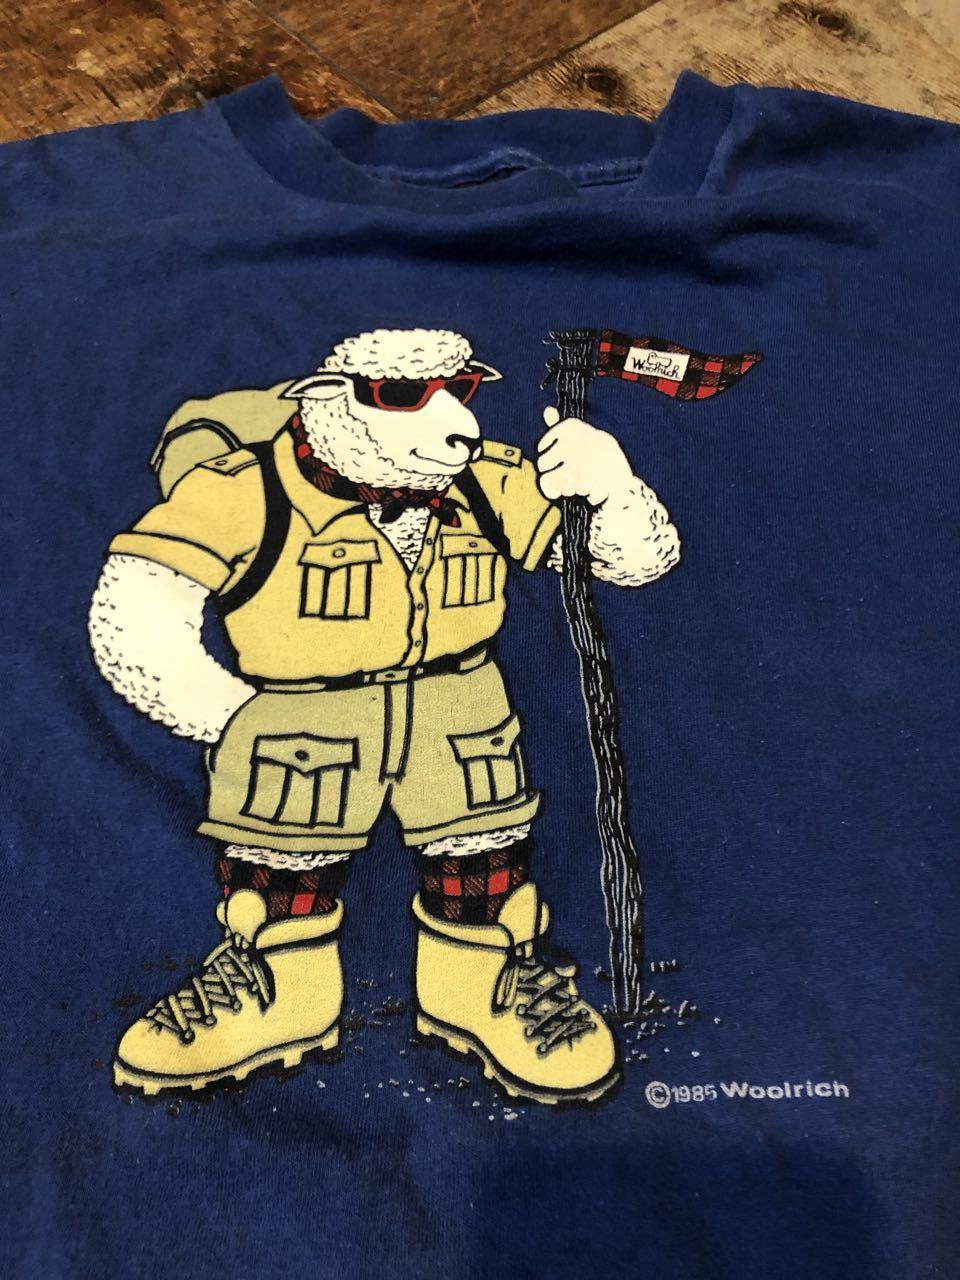 7月24日(金)入荷!80s RARE WOOL RICH Tシャツ!MADE IN U.S.A all cotton 2枚_c0144020_17064289.jpg